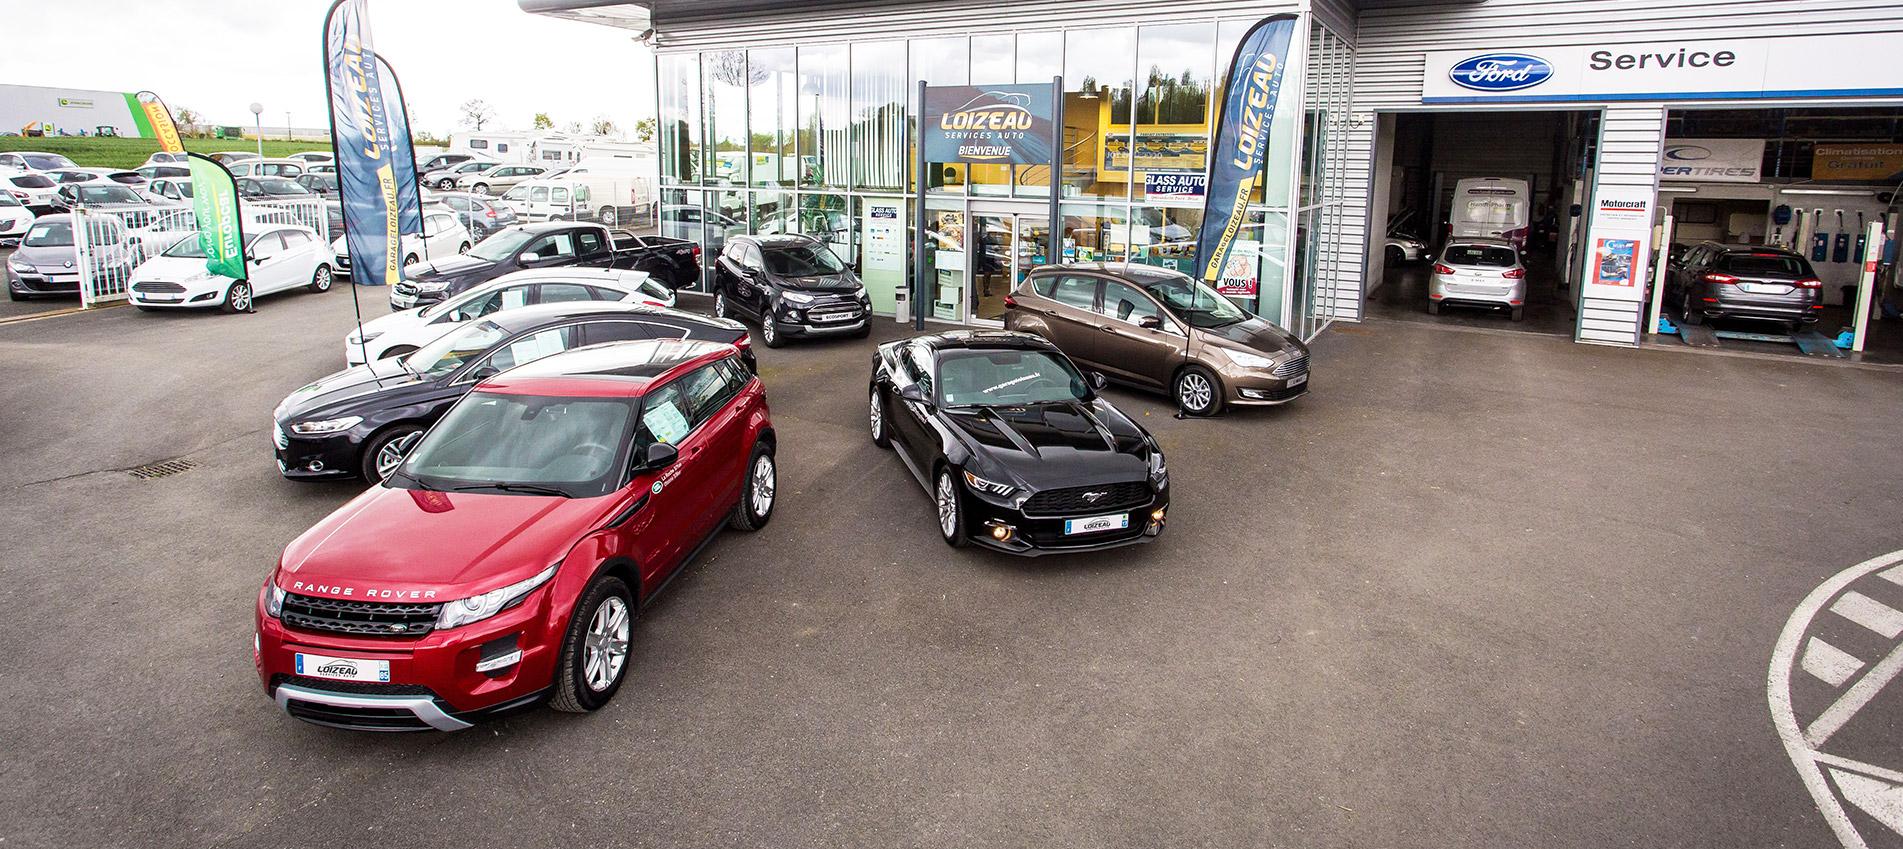 Achat vente de voitures d 39 occasion en vend e garage loizeau for Garage renault vendee